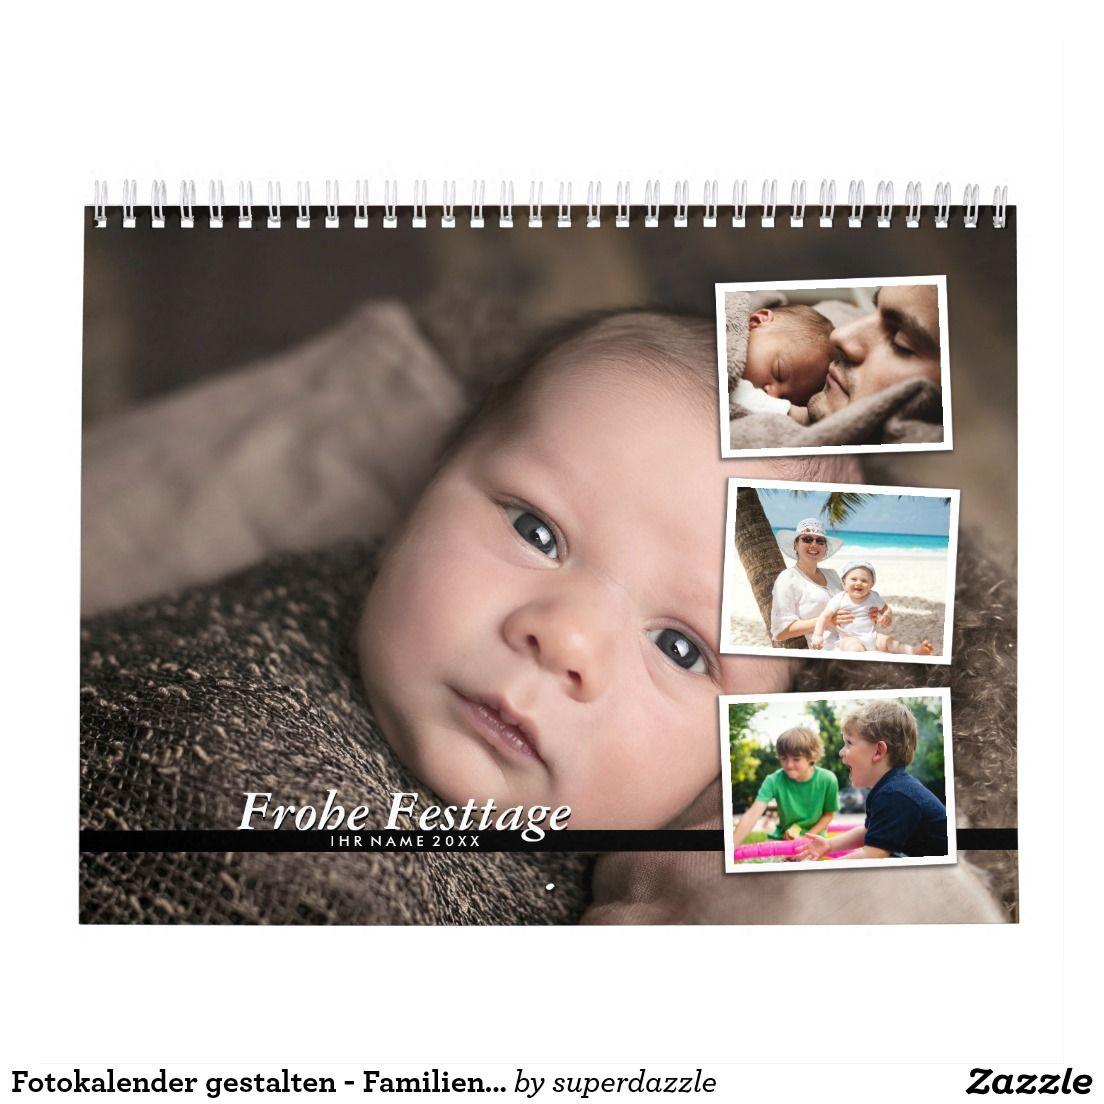 fotokalender gestalten familienkalender 2020 kalender. Black Bedroom Furniture Sets. Home Design Ideas